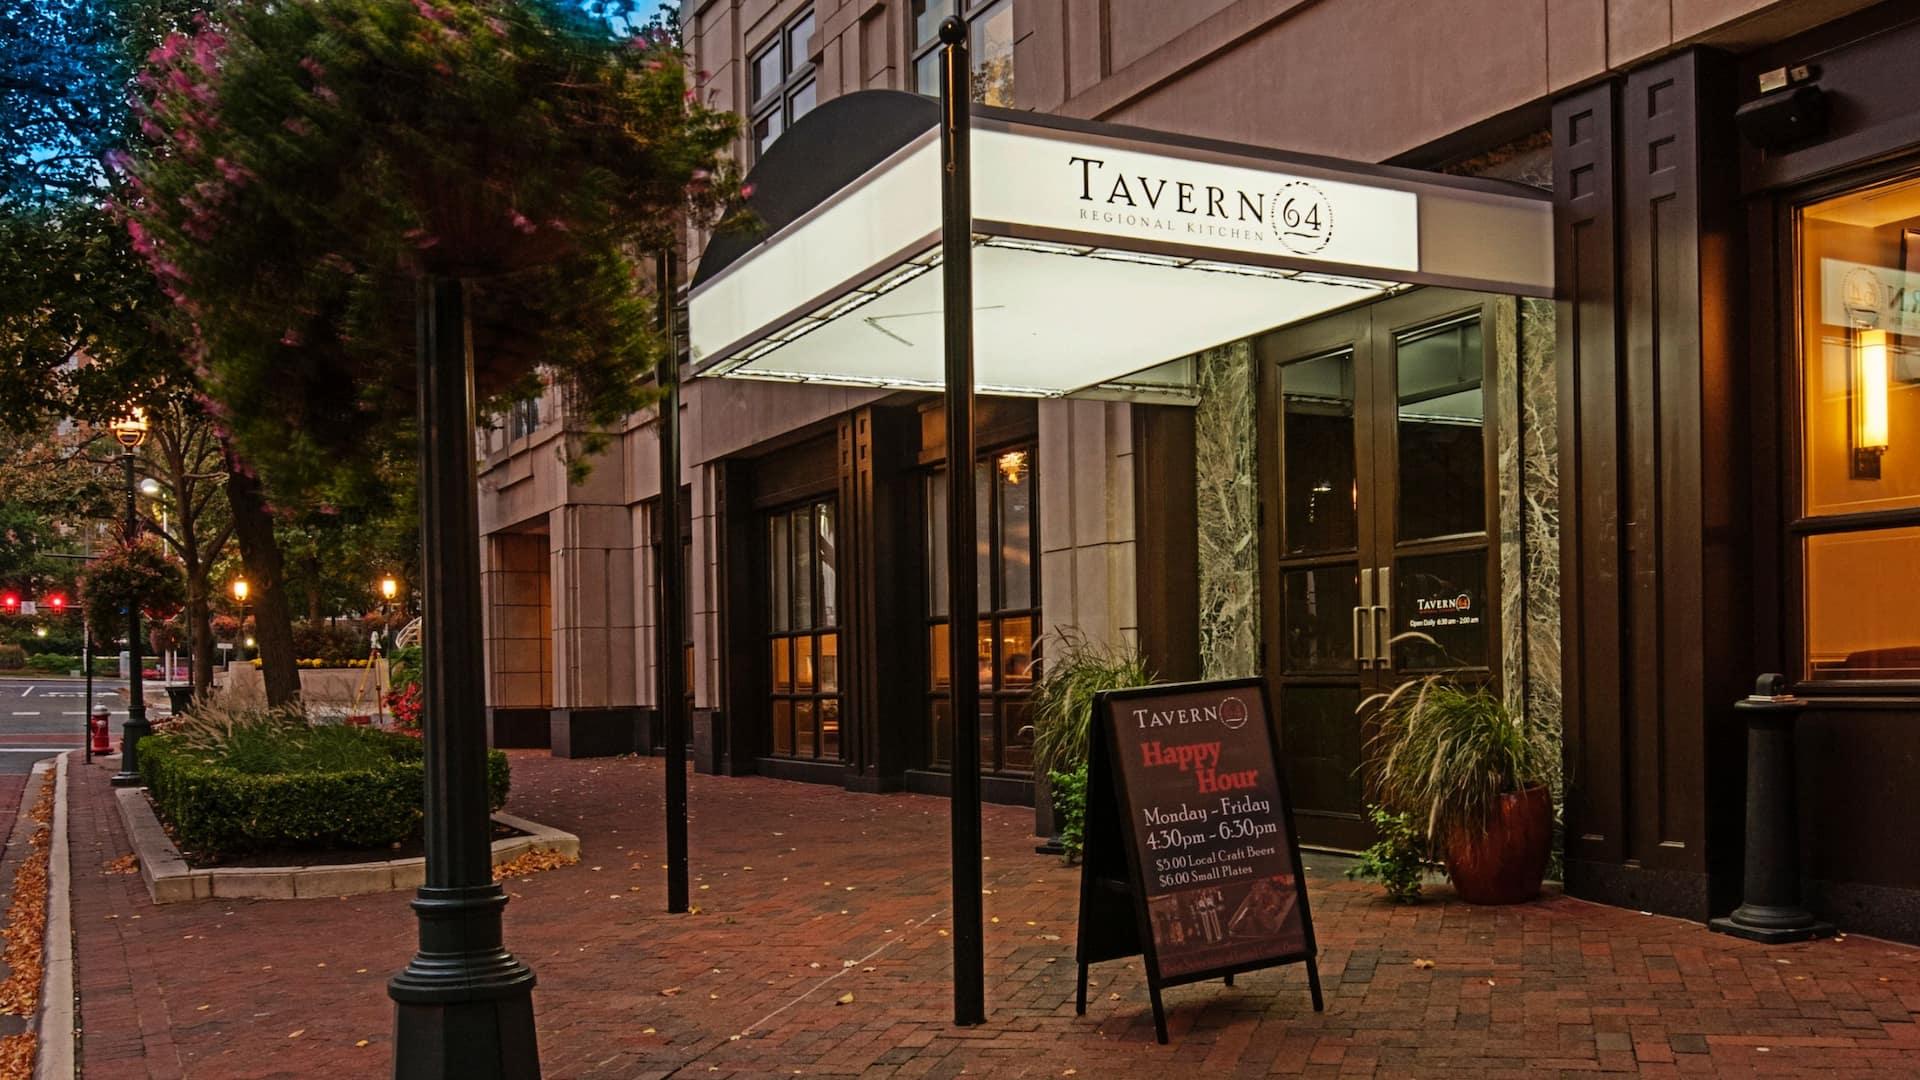 tavern 64 entrance at Hyatt Regency Reston